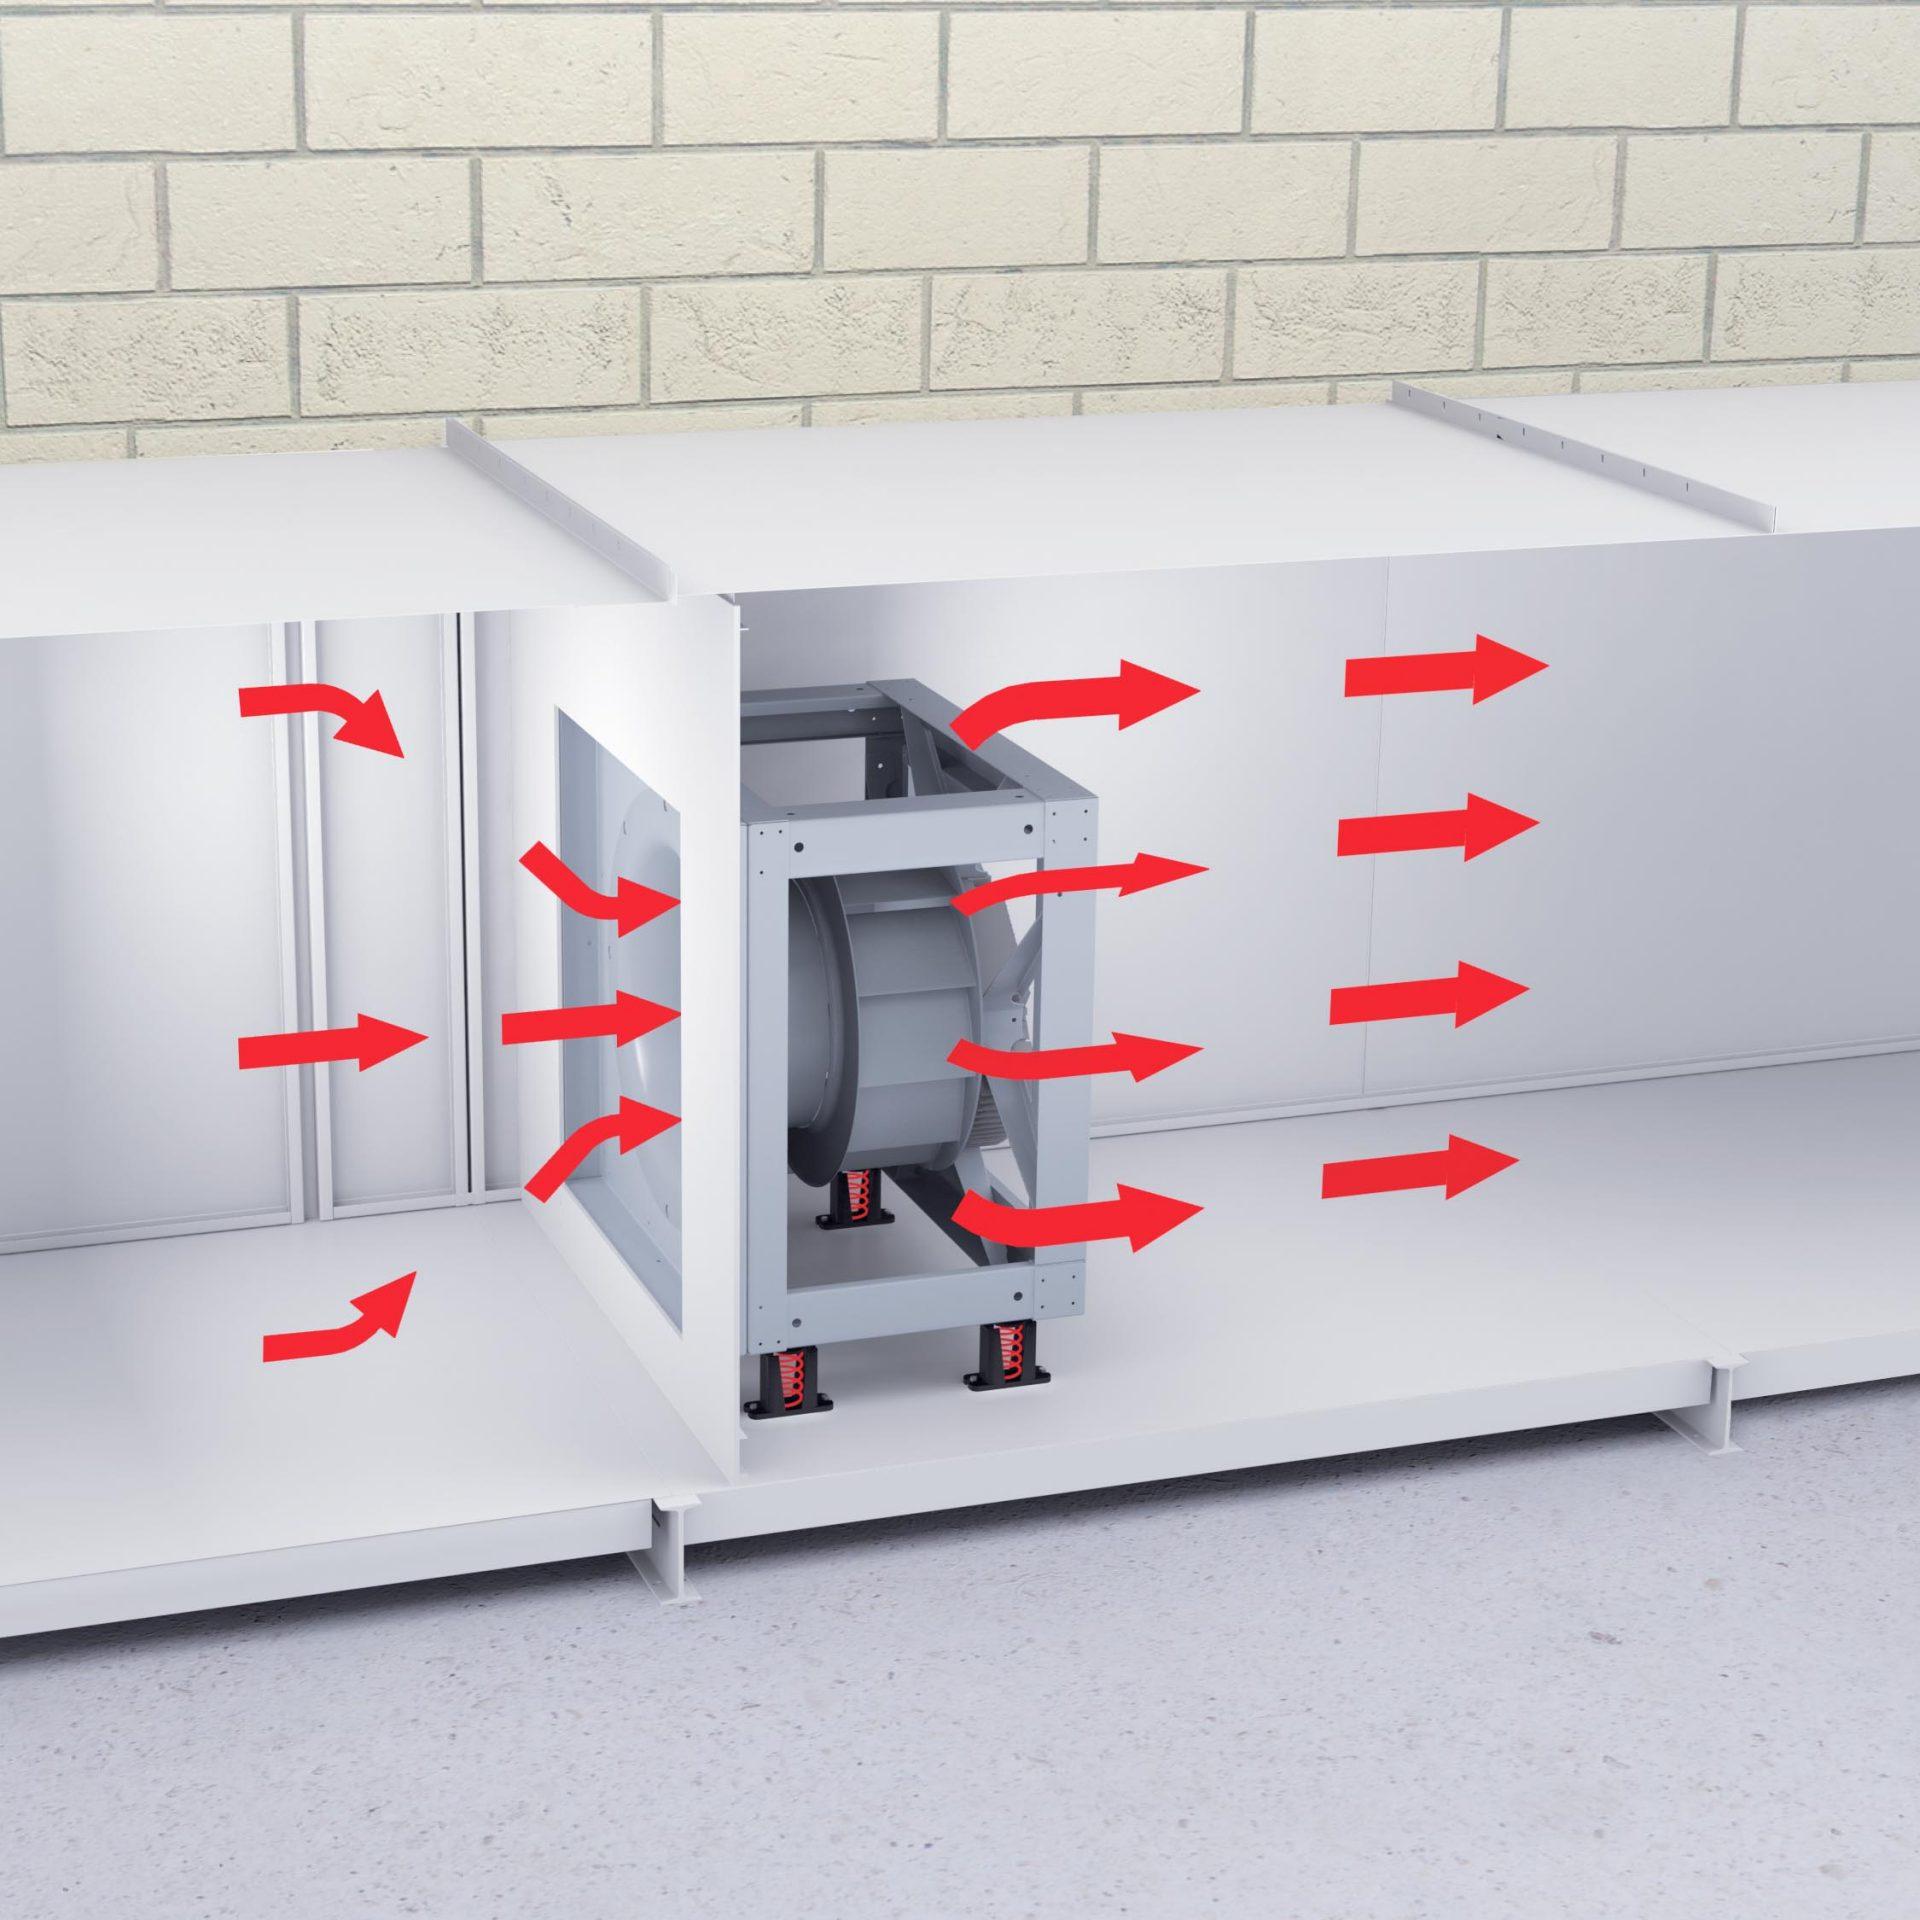 ECLFN Plenum (Airflow)